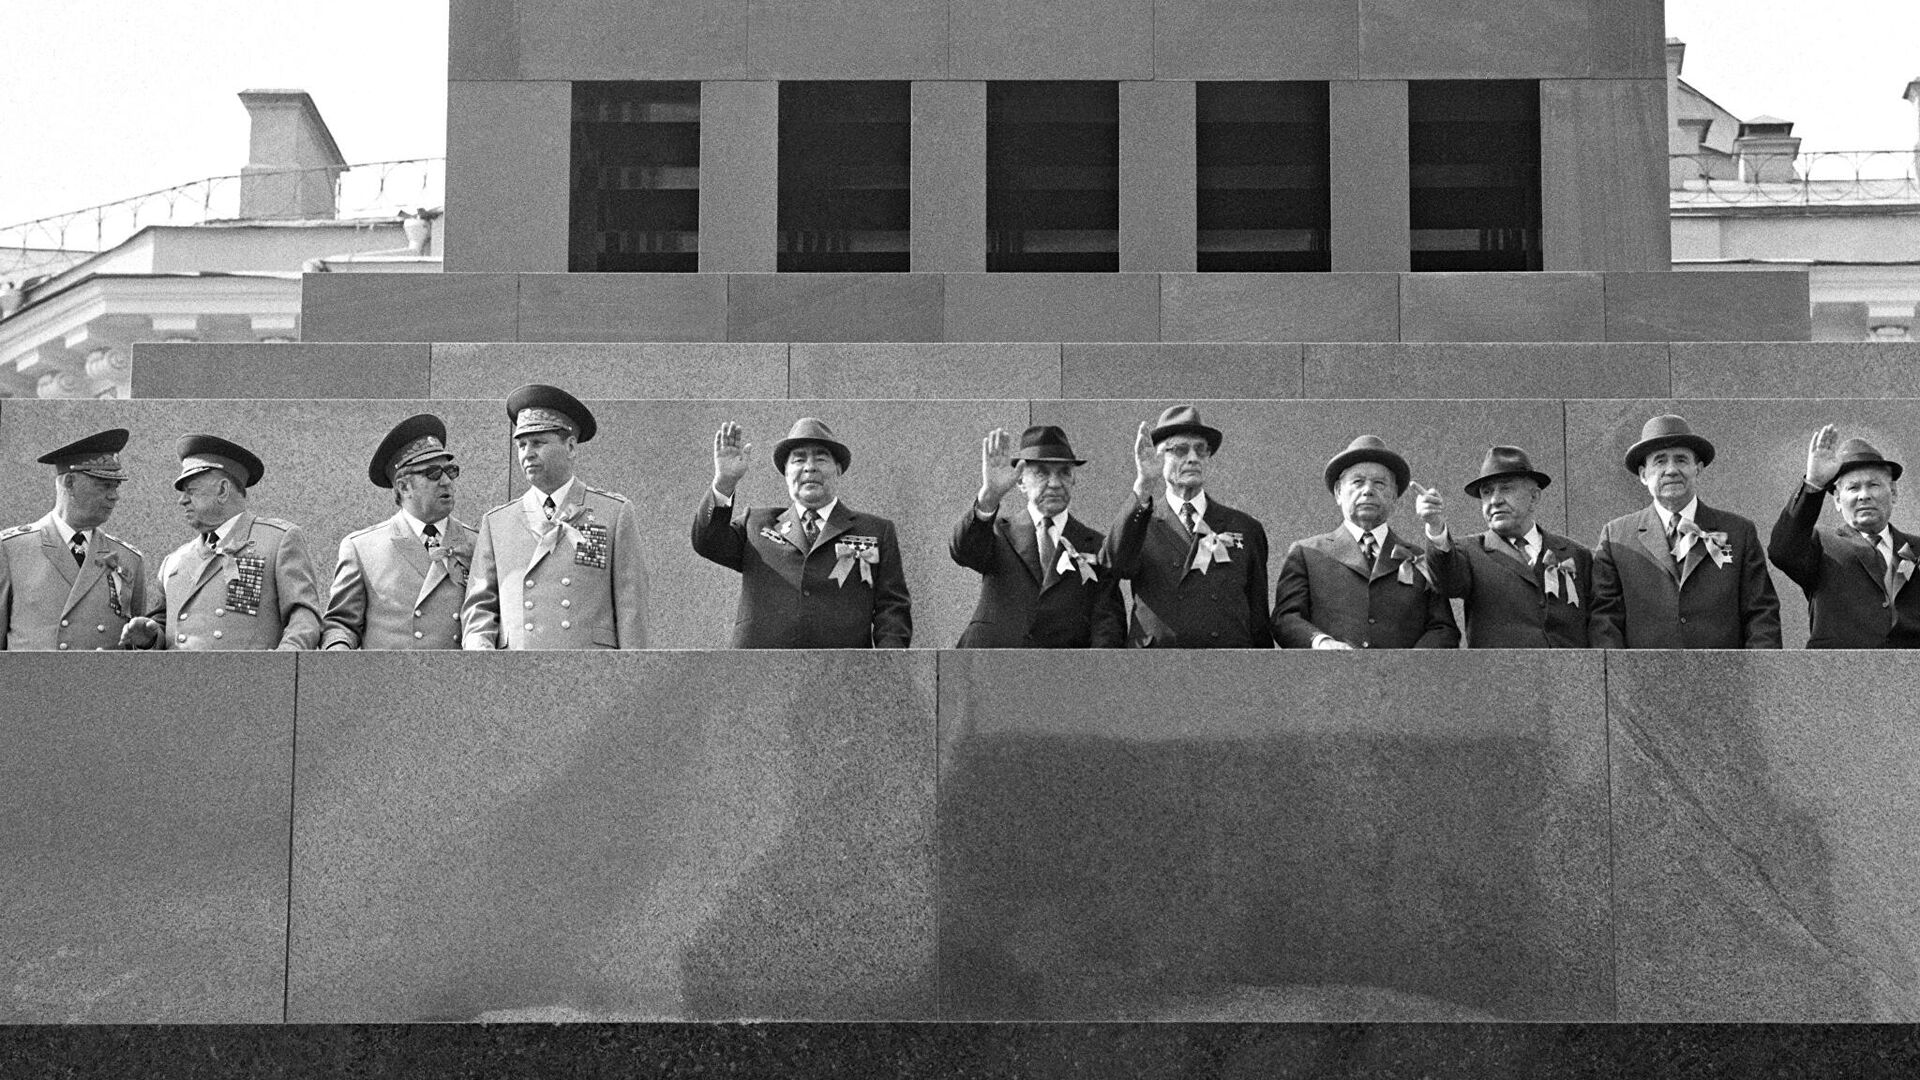 Los líderes del gobierno de URSS en la Plaza Roja de Moscú. - Sputnik Mundo, 1920, 05.06.2021